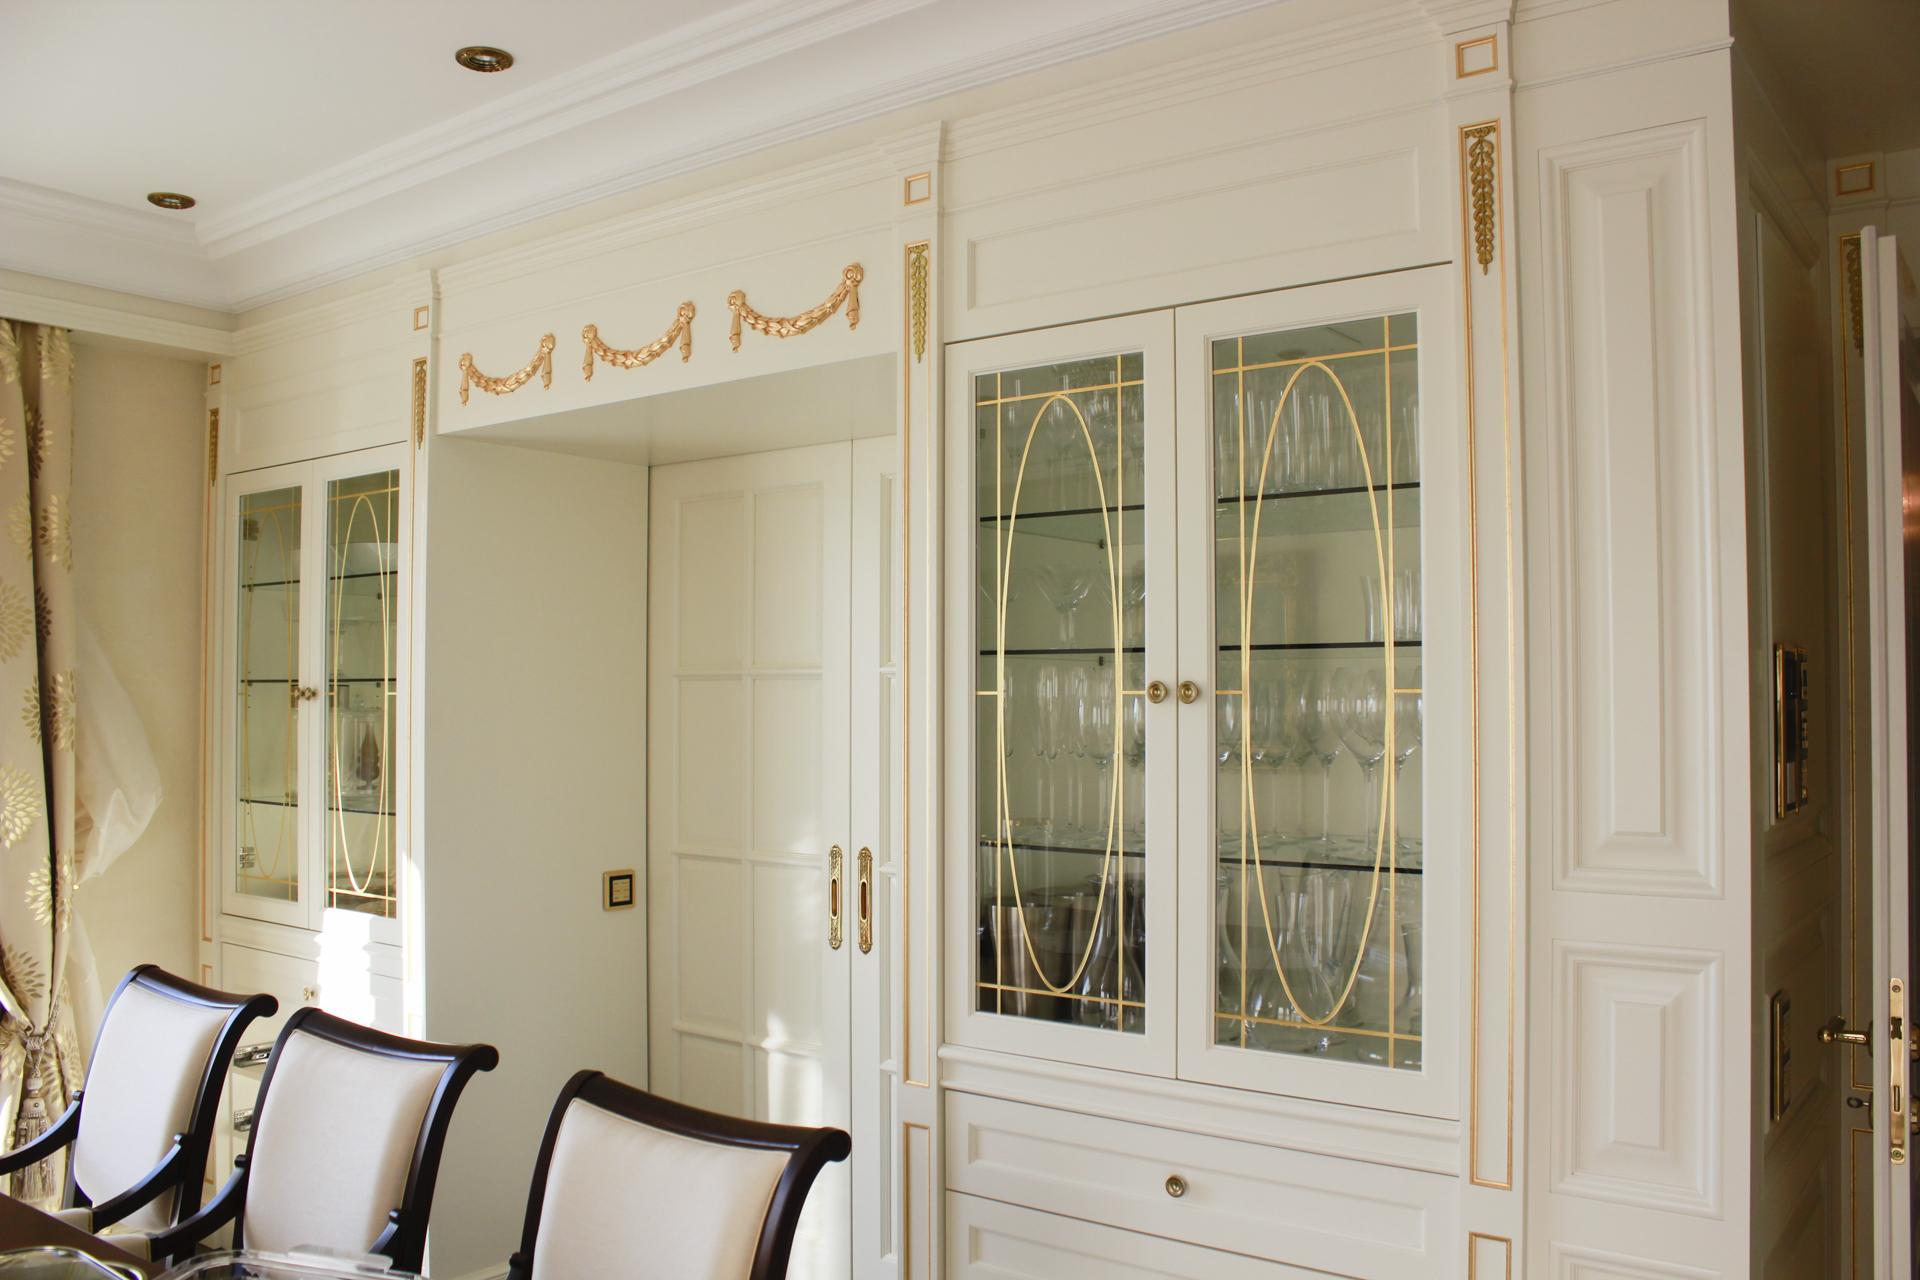 tischlerei-decker-wohnung-italien-vitrine